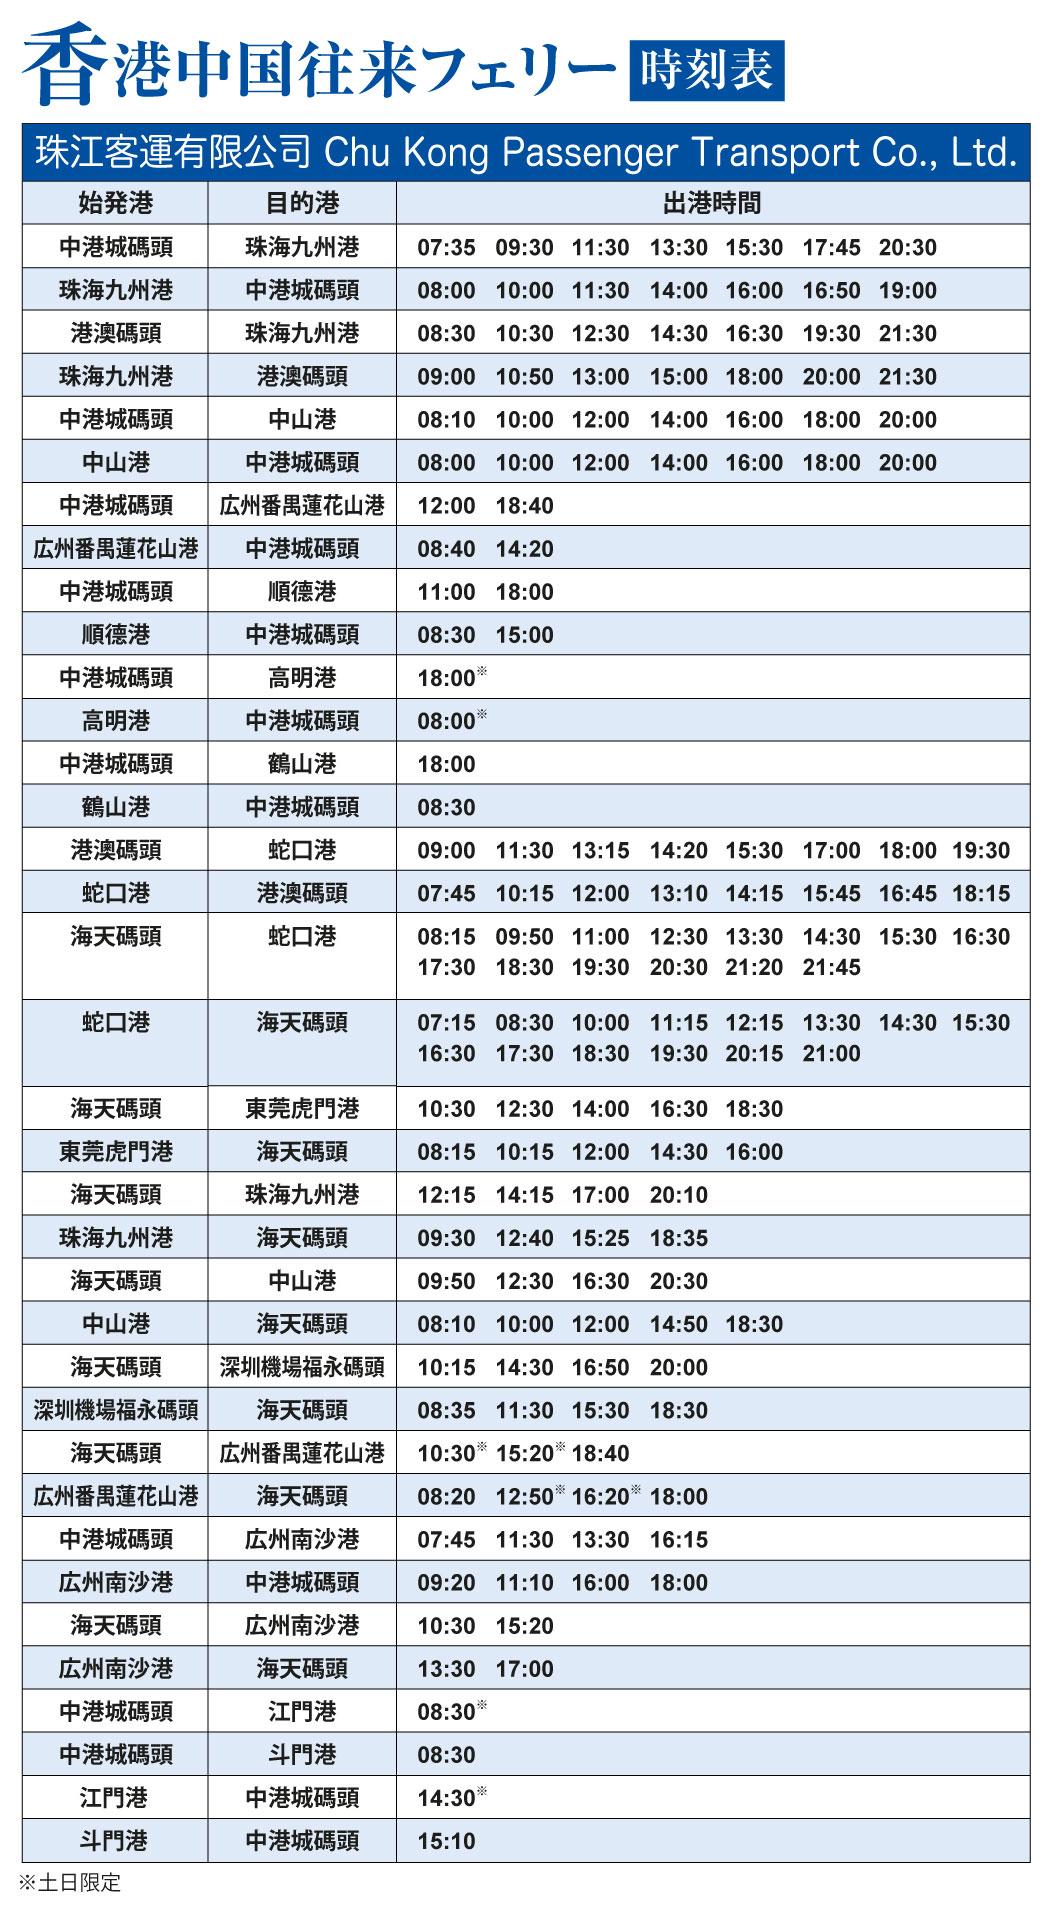 中港城・香港中国往来フェリー時刻表